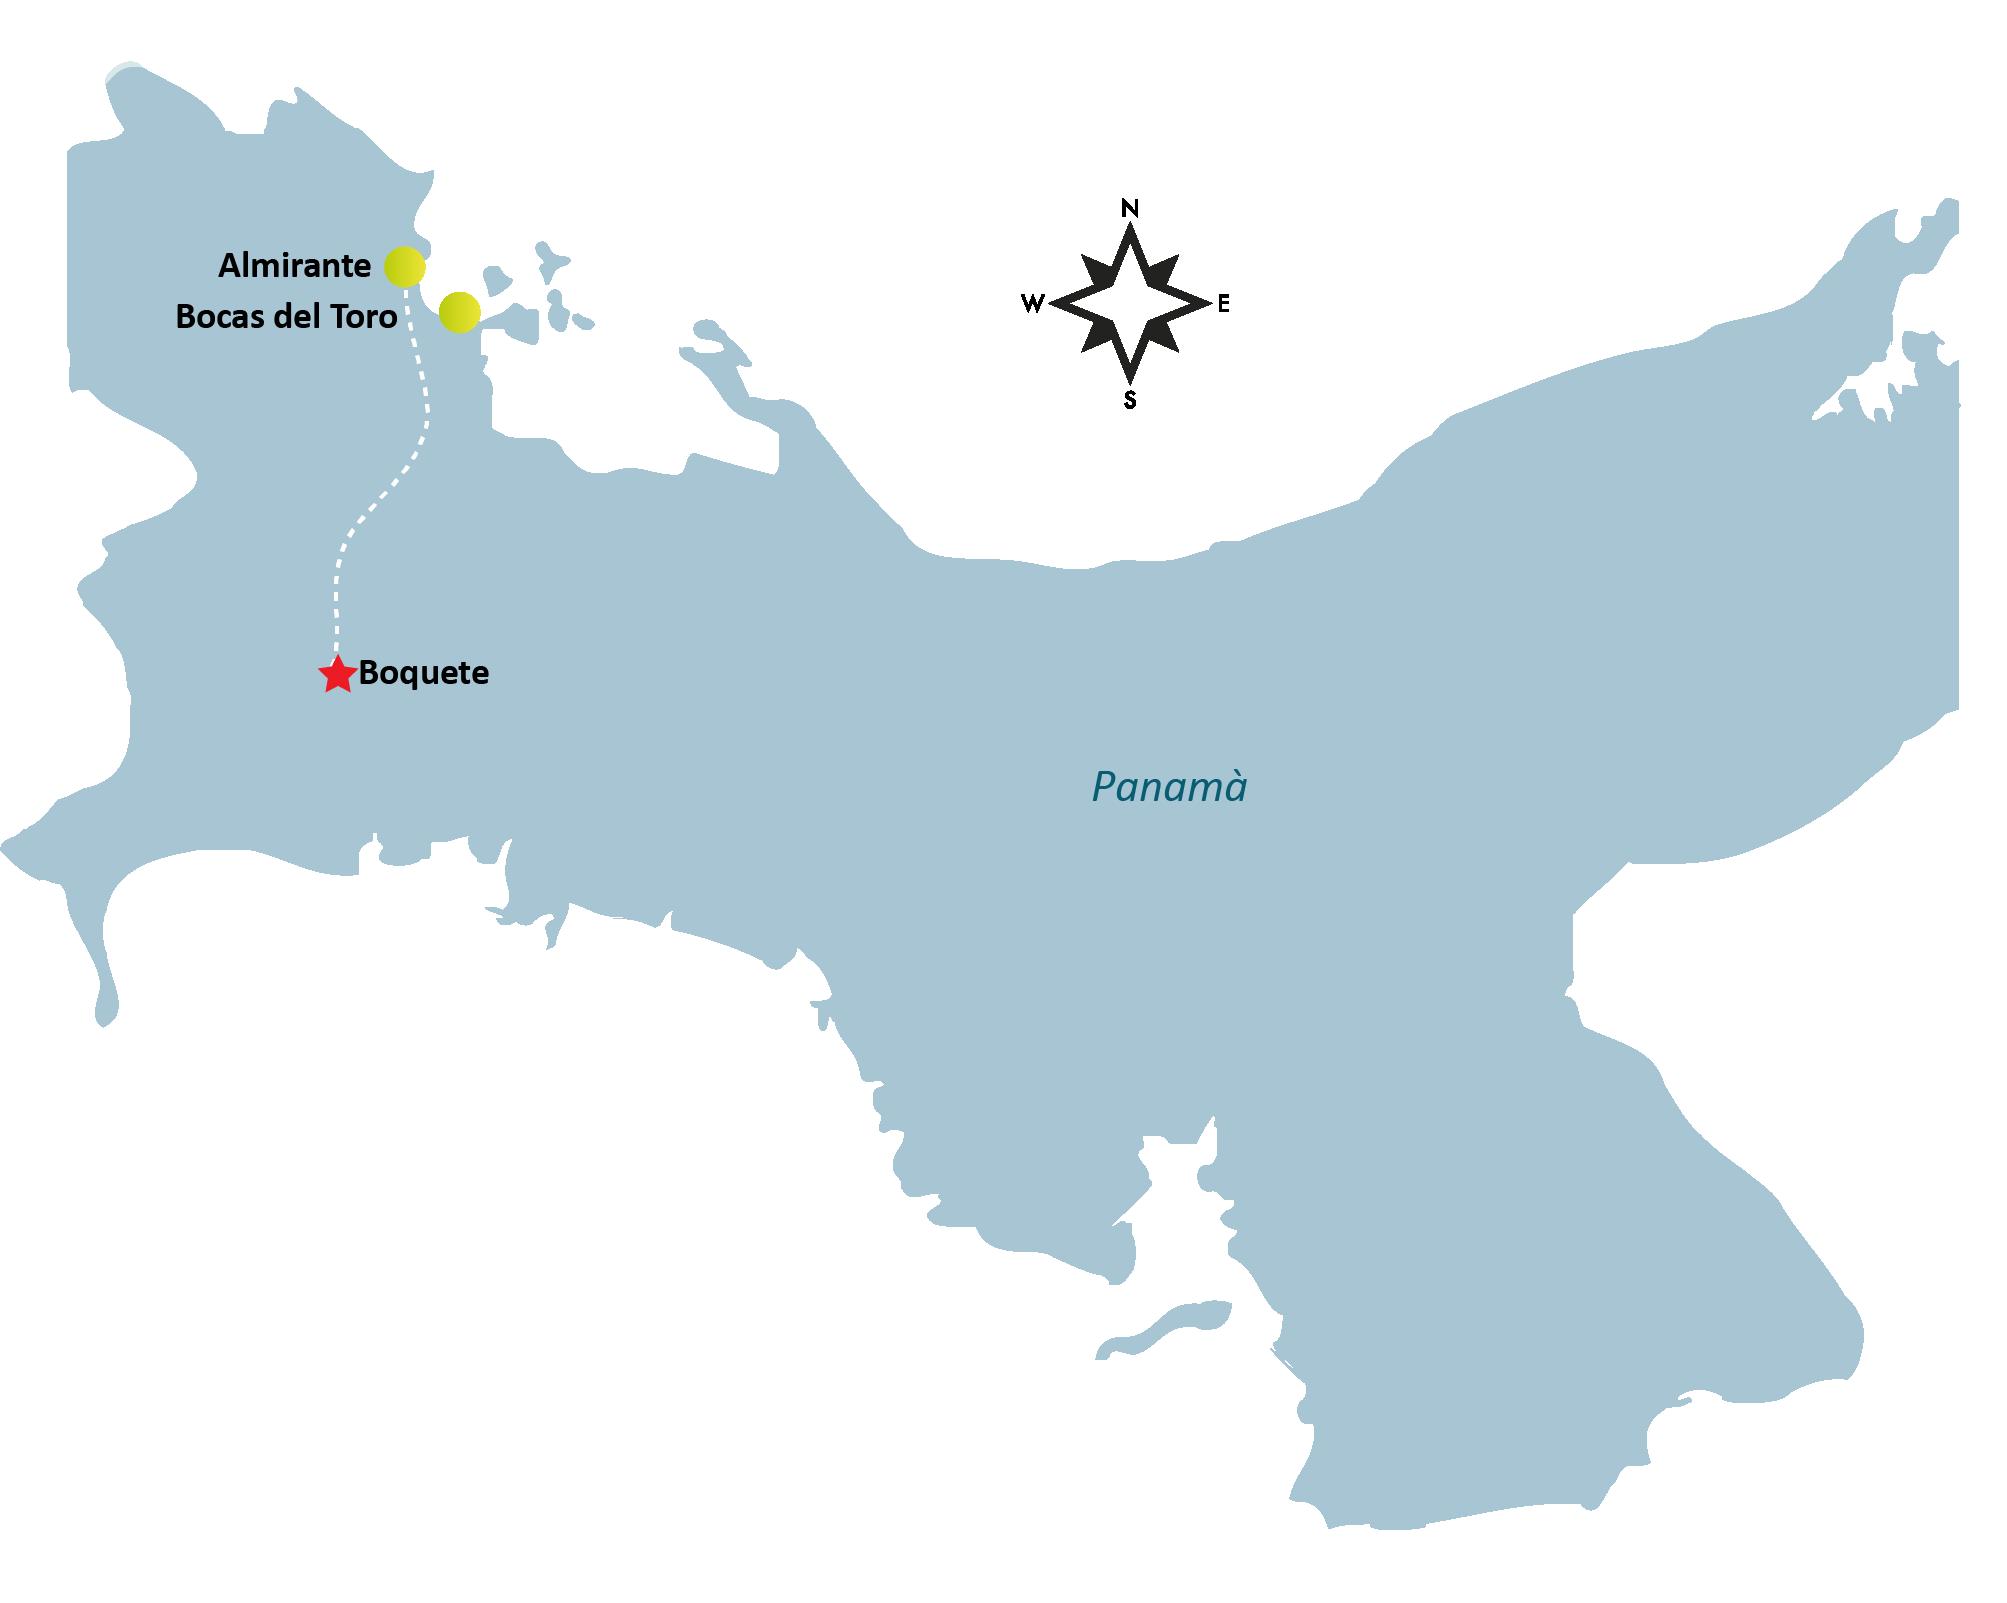 mapa almirante 01 - ALMIRANTE